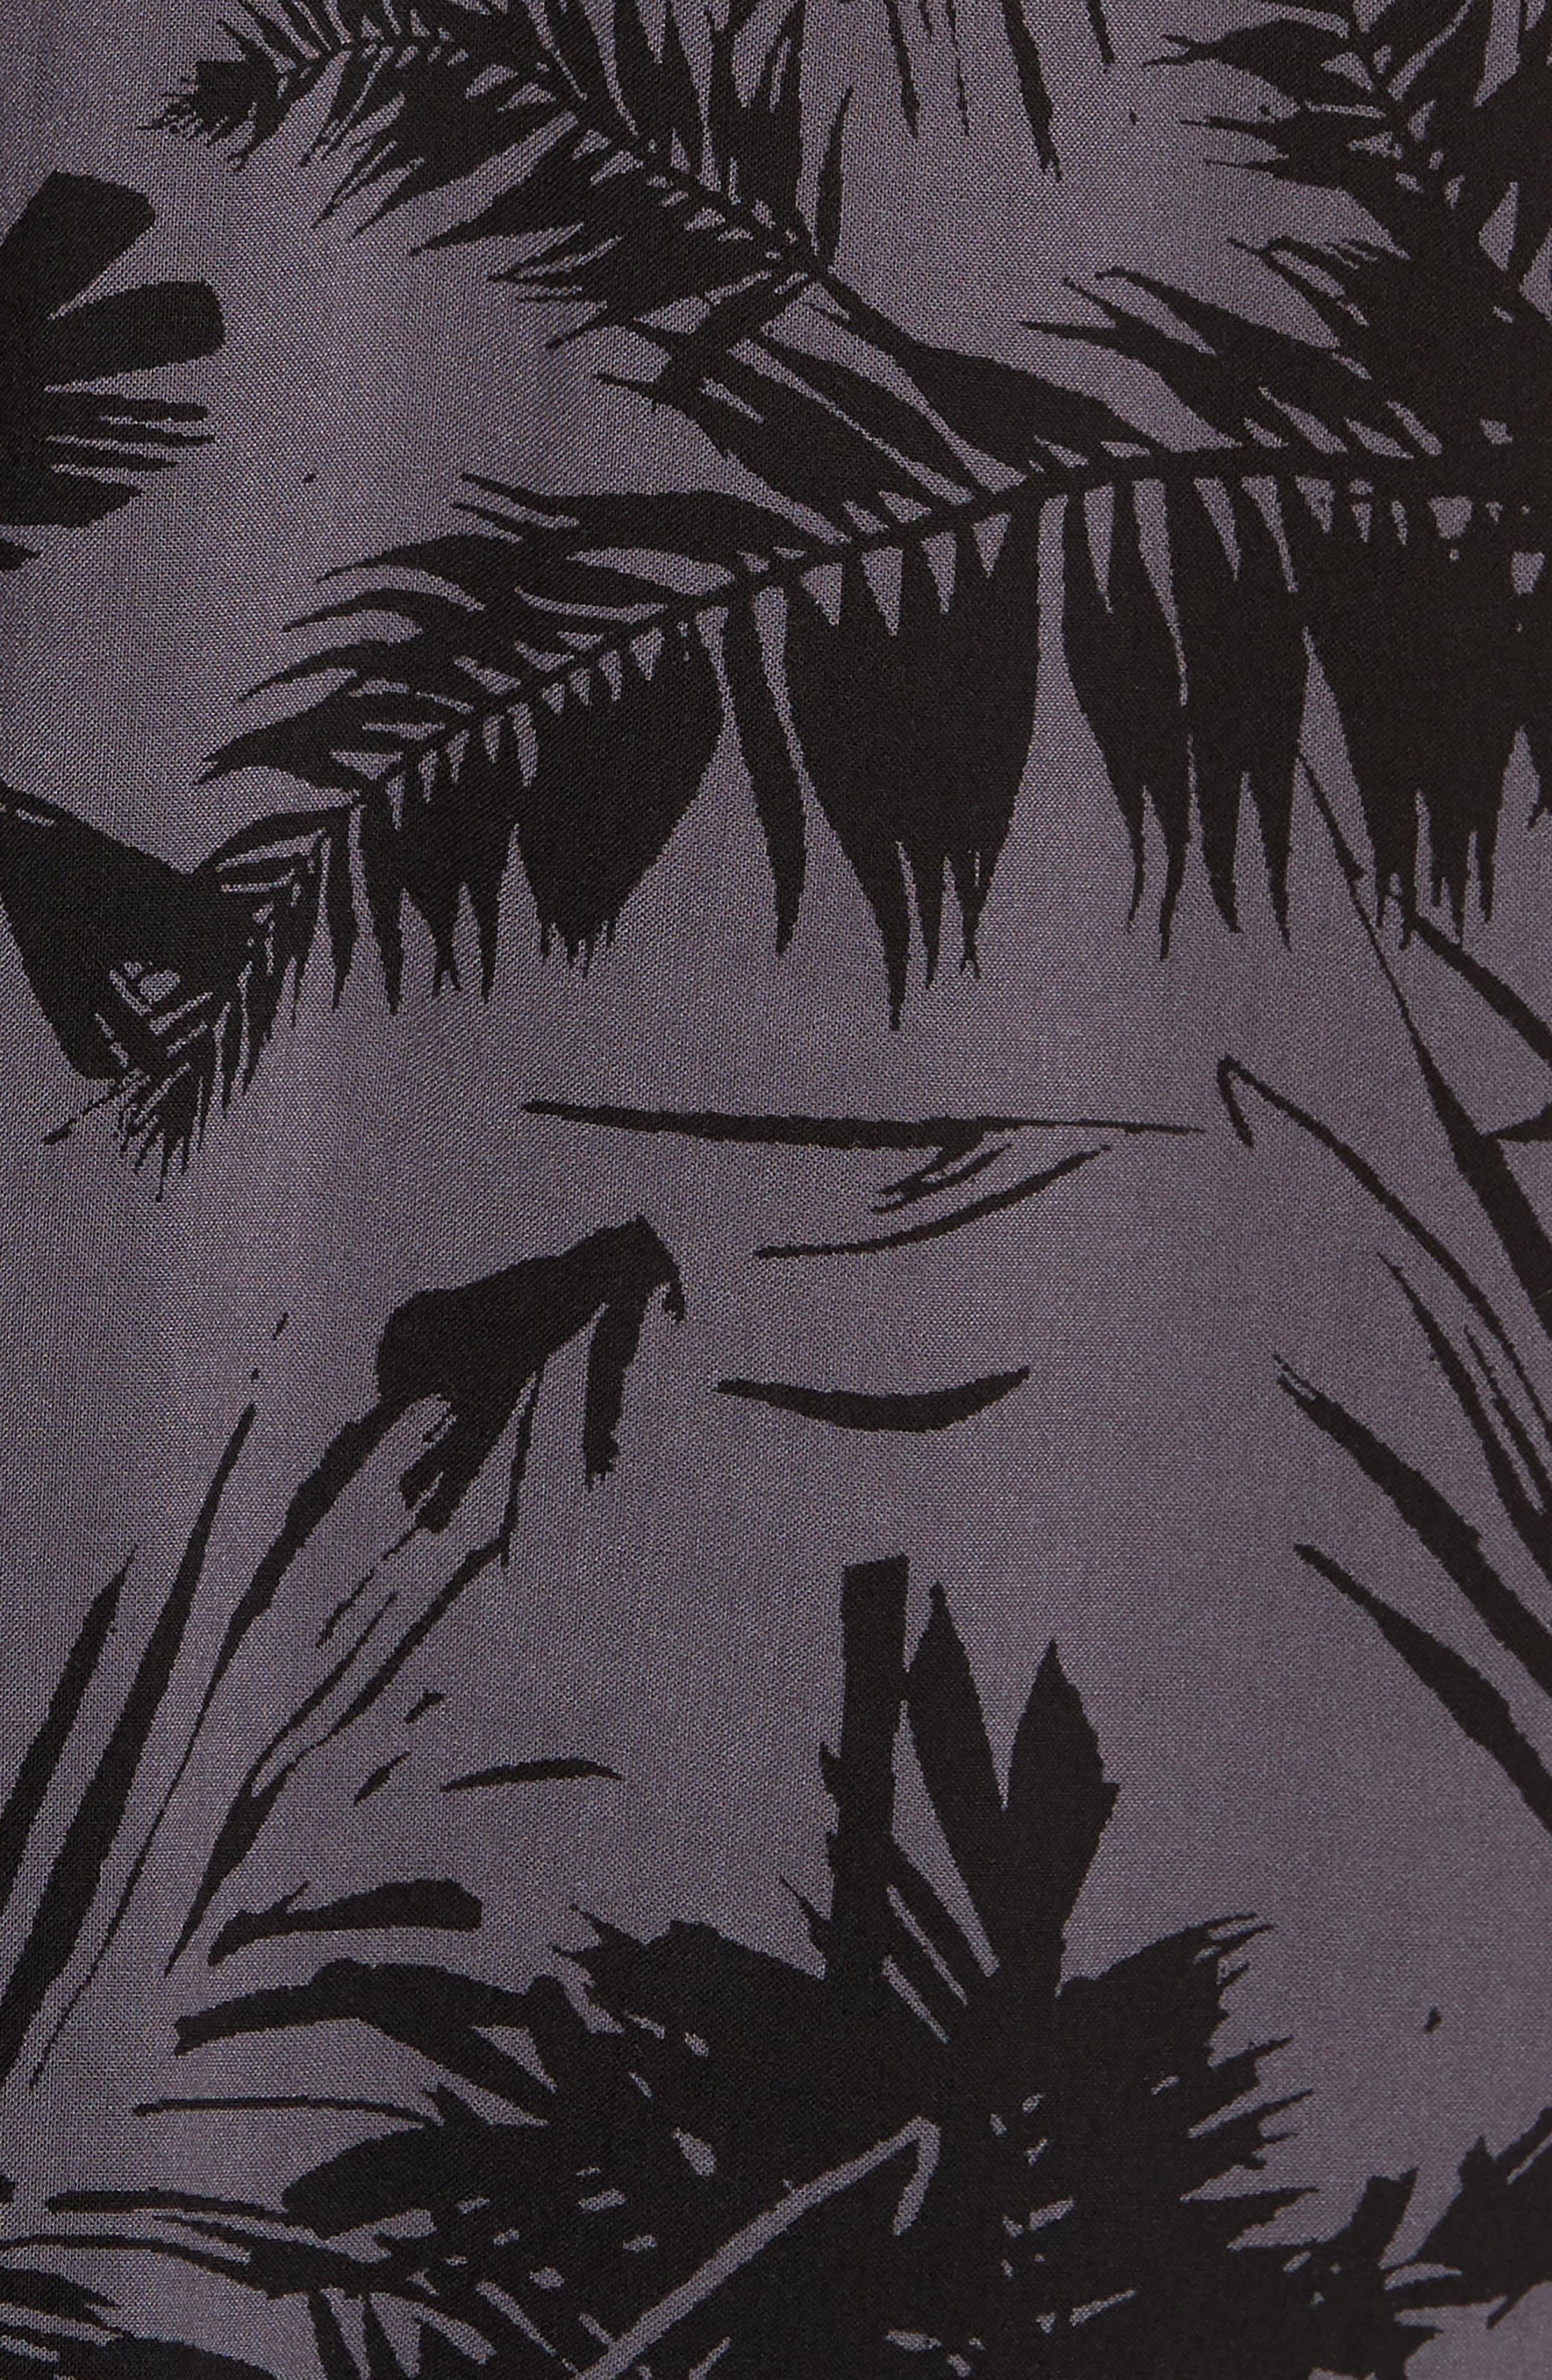 Ascher Woven Shirt,                             Alternate thumbnail 5, color,                             020